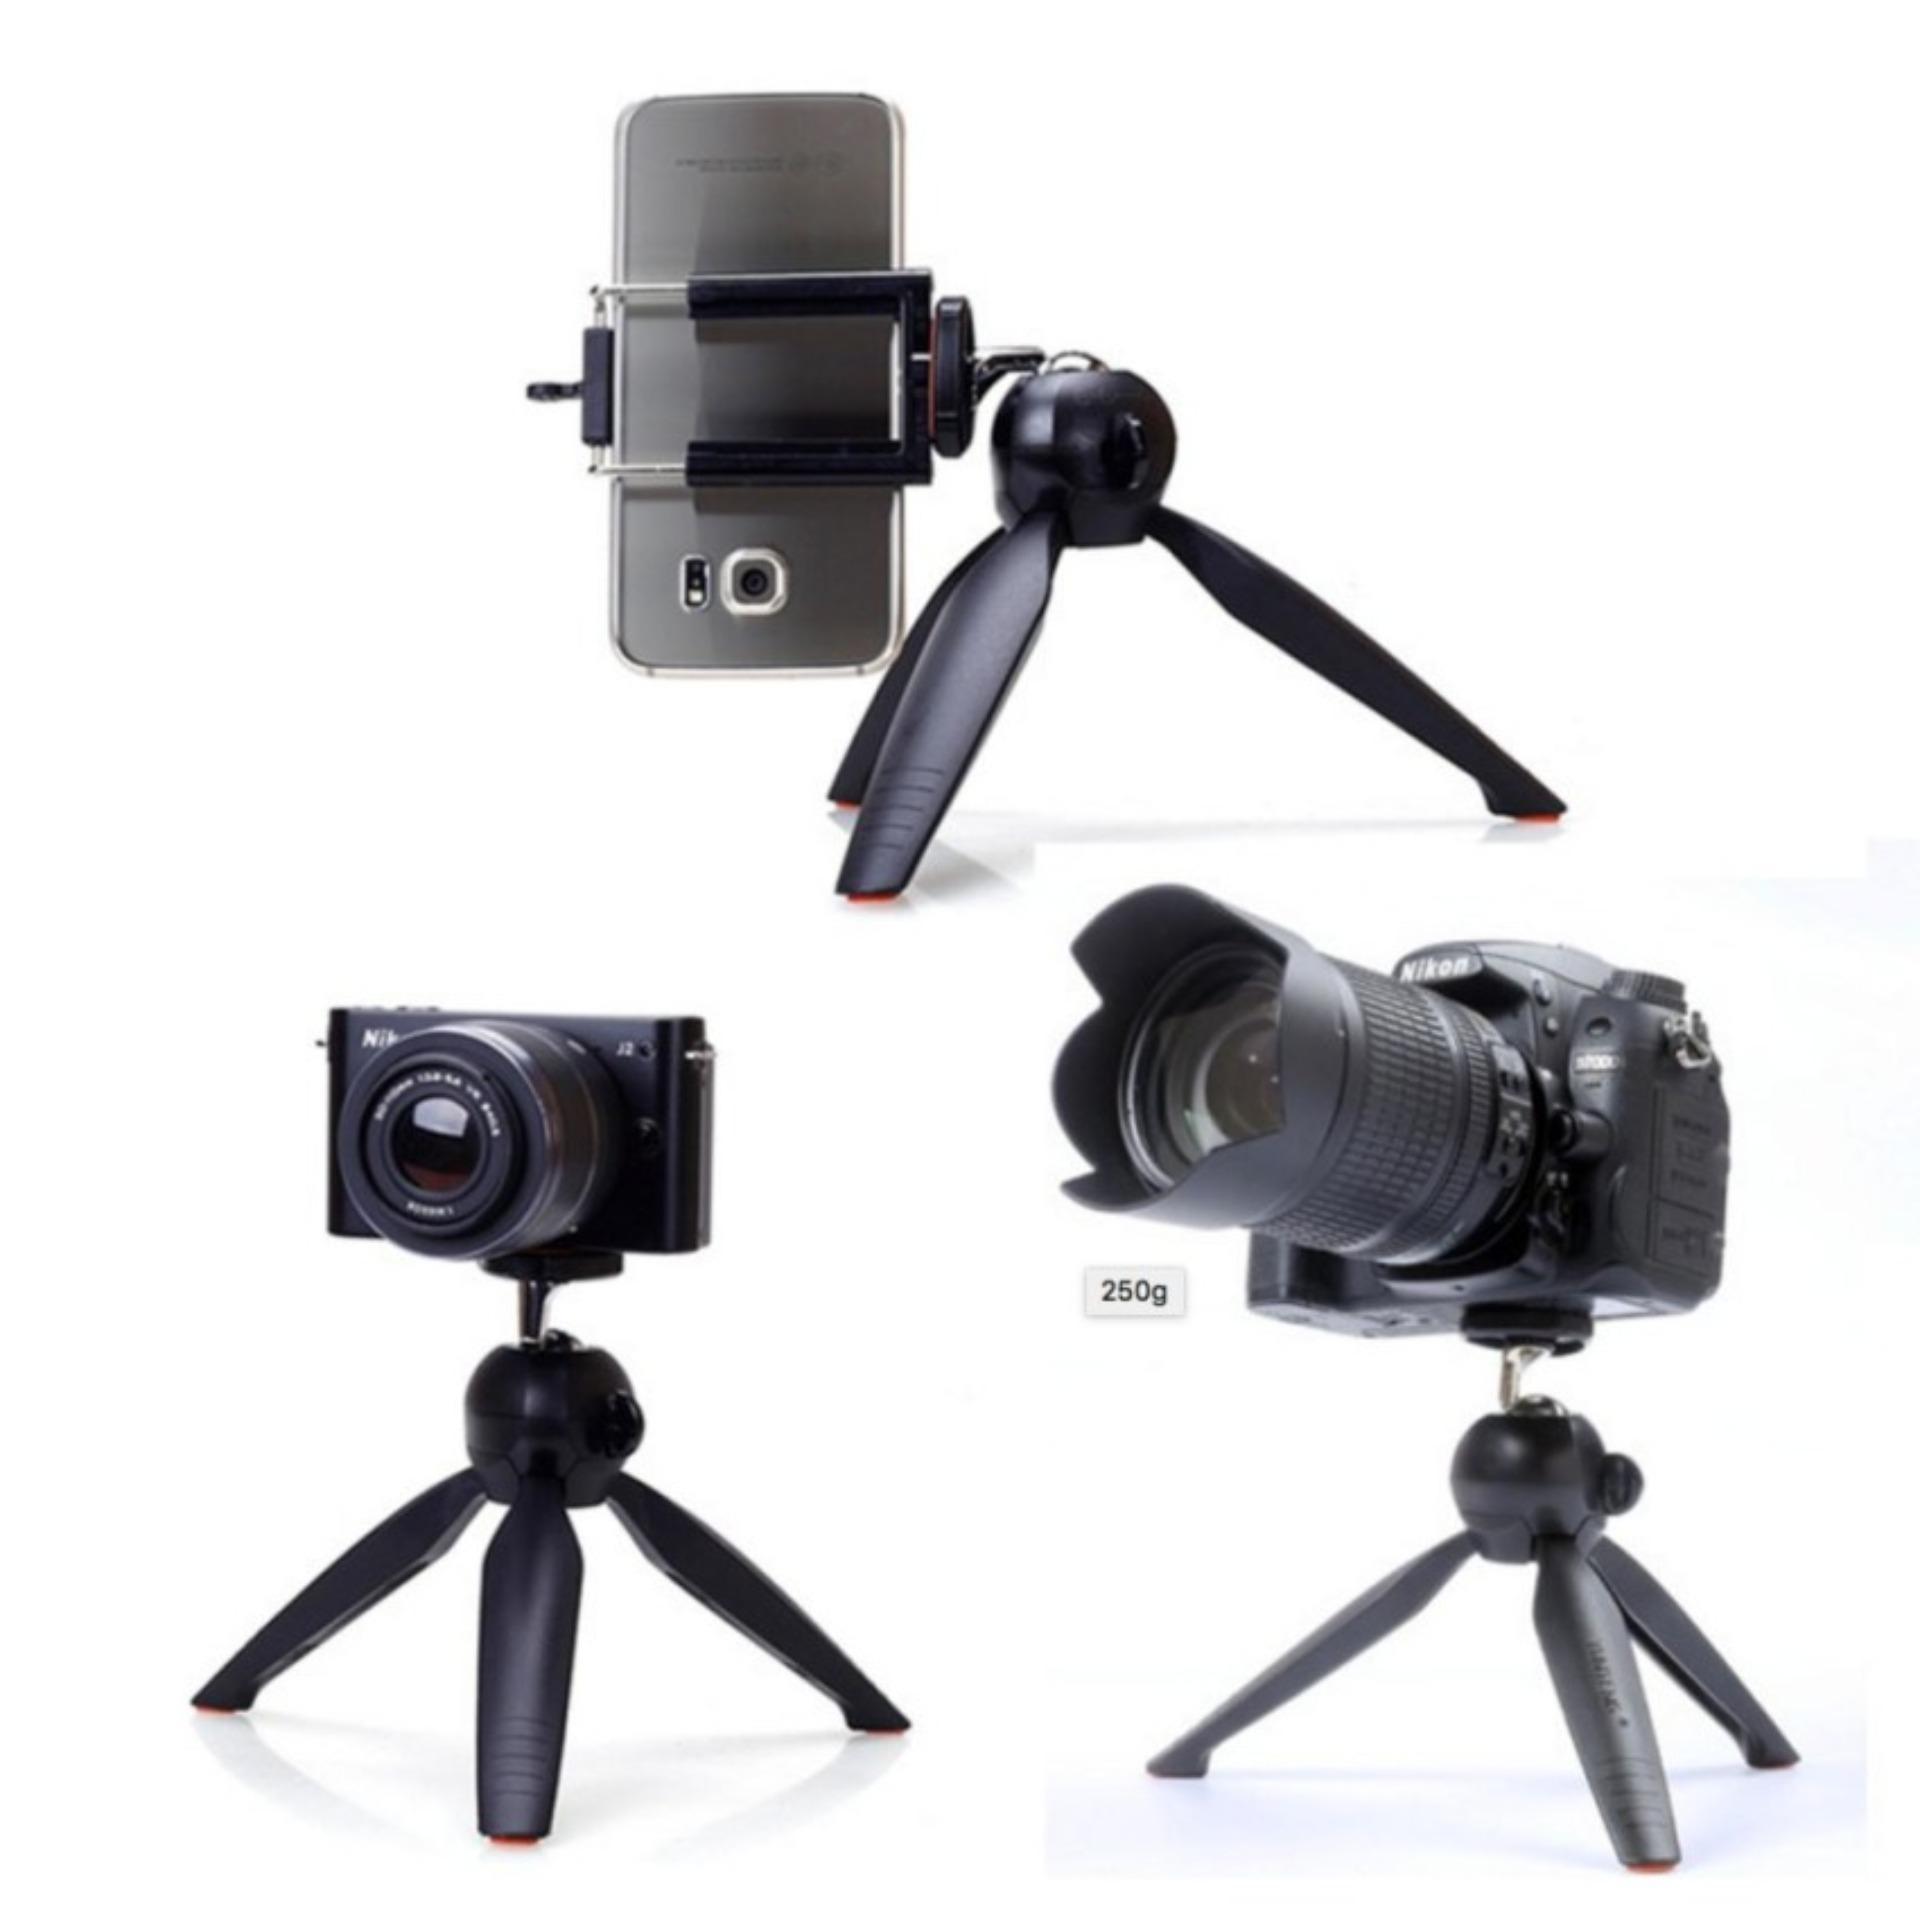 Bộ phụ kiện chụp ảnh và quay phim bằng điện thoại